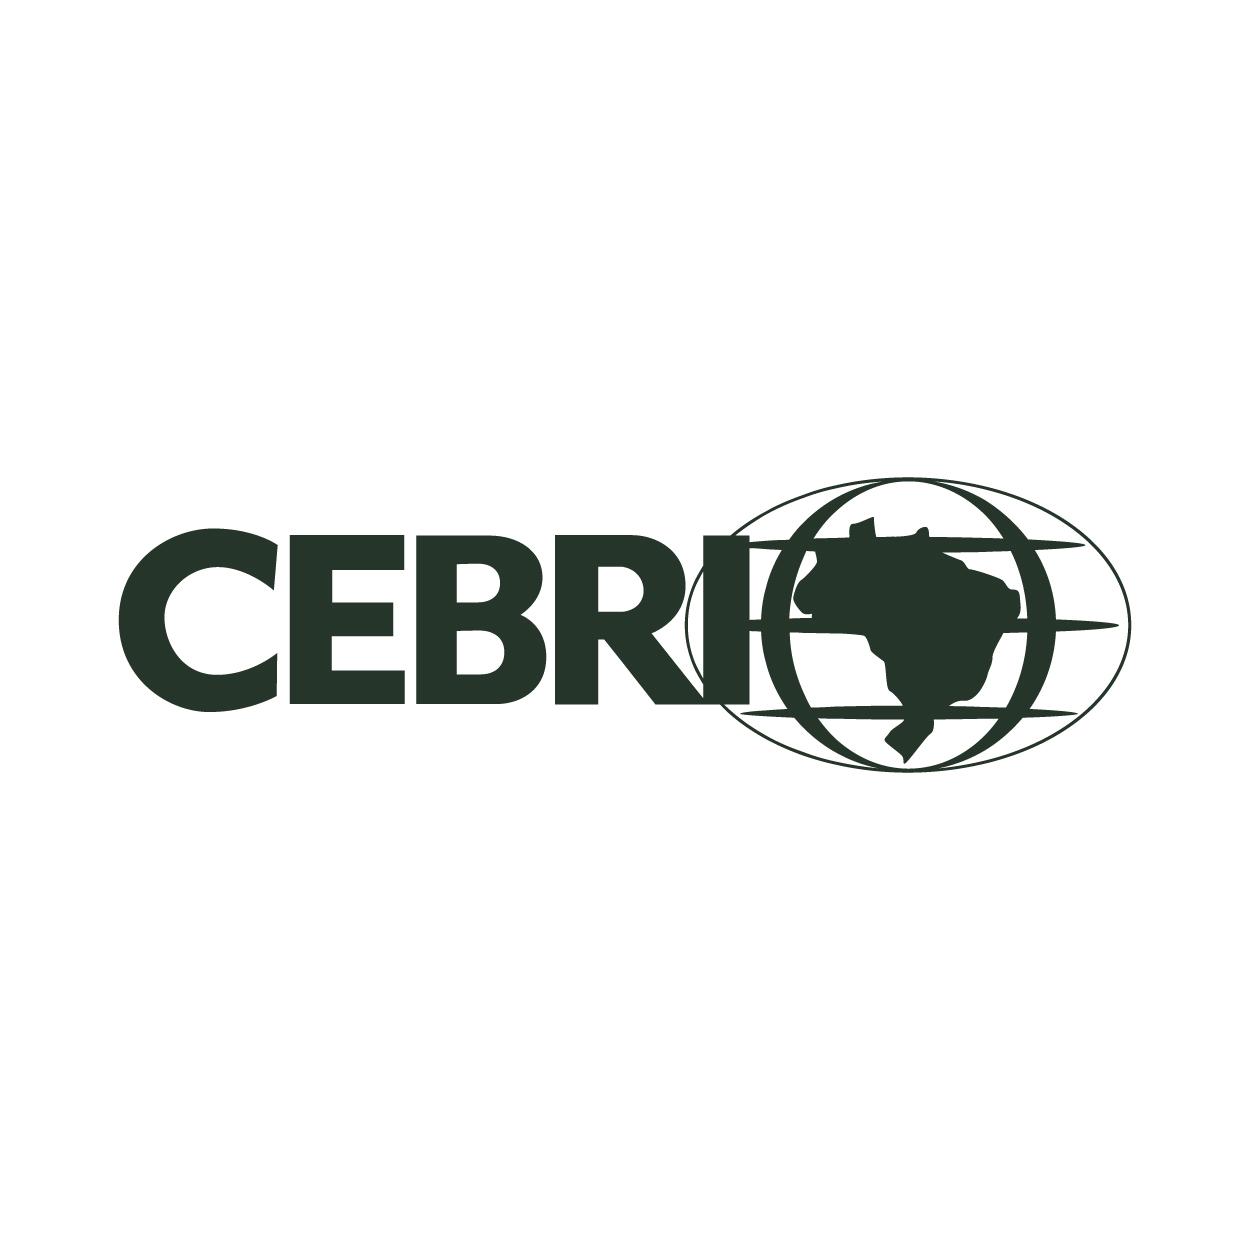 Centro Brasileiro de Relações Internacionais - CEBRI